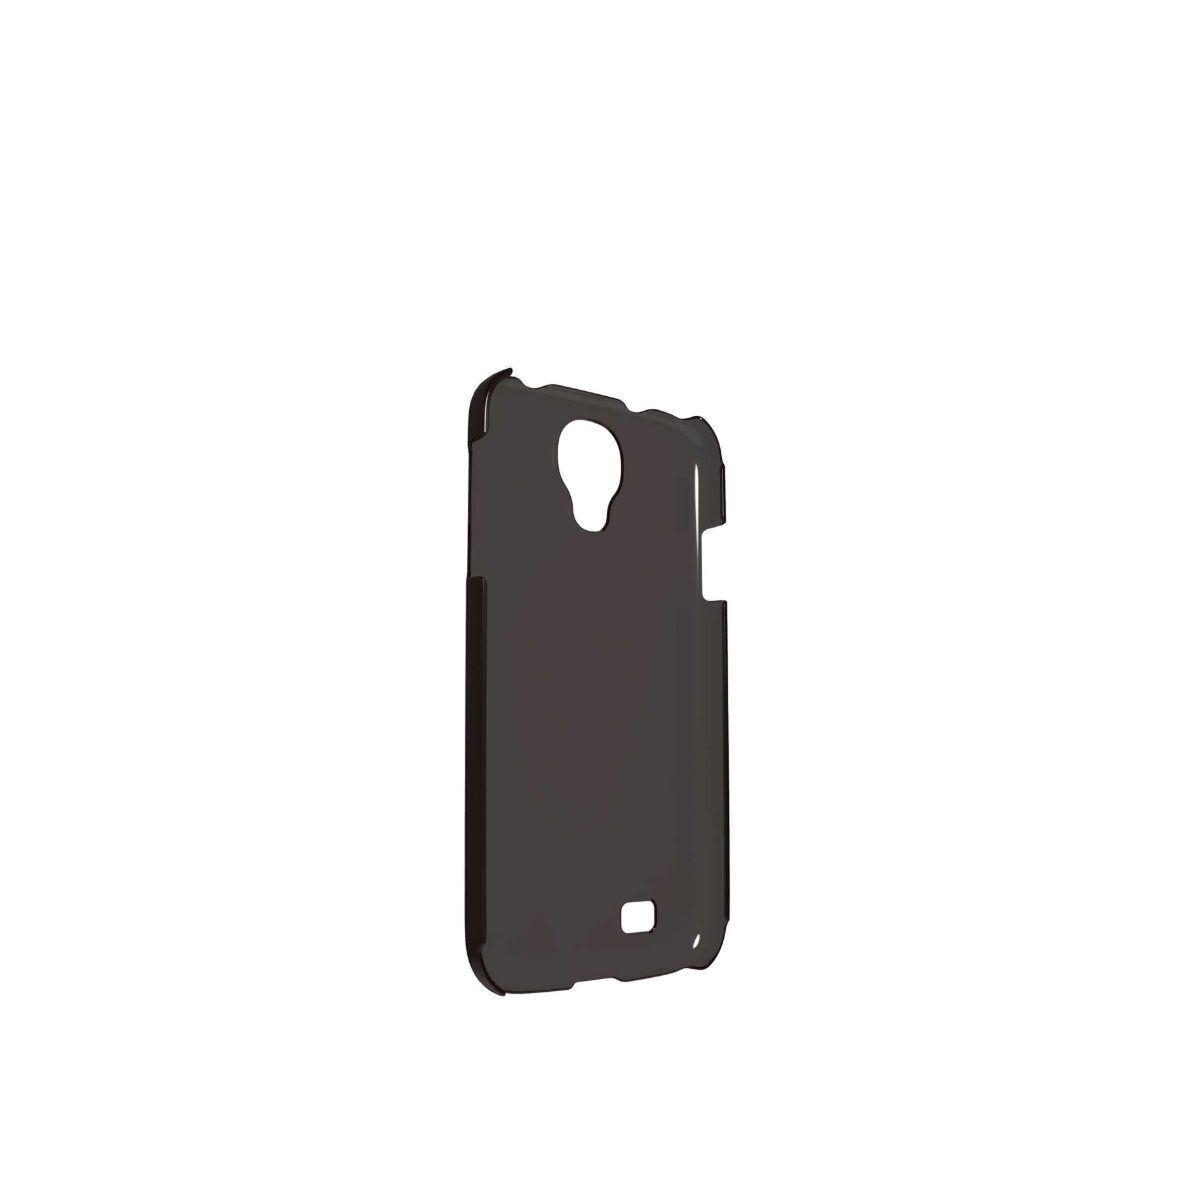 Nude Galaxy S4 Case